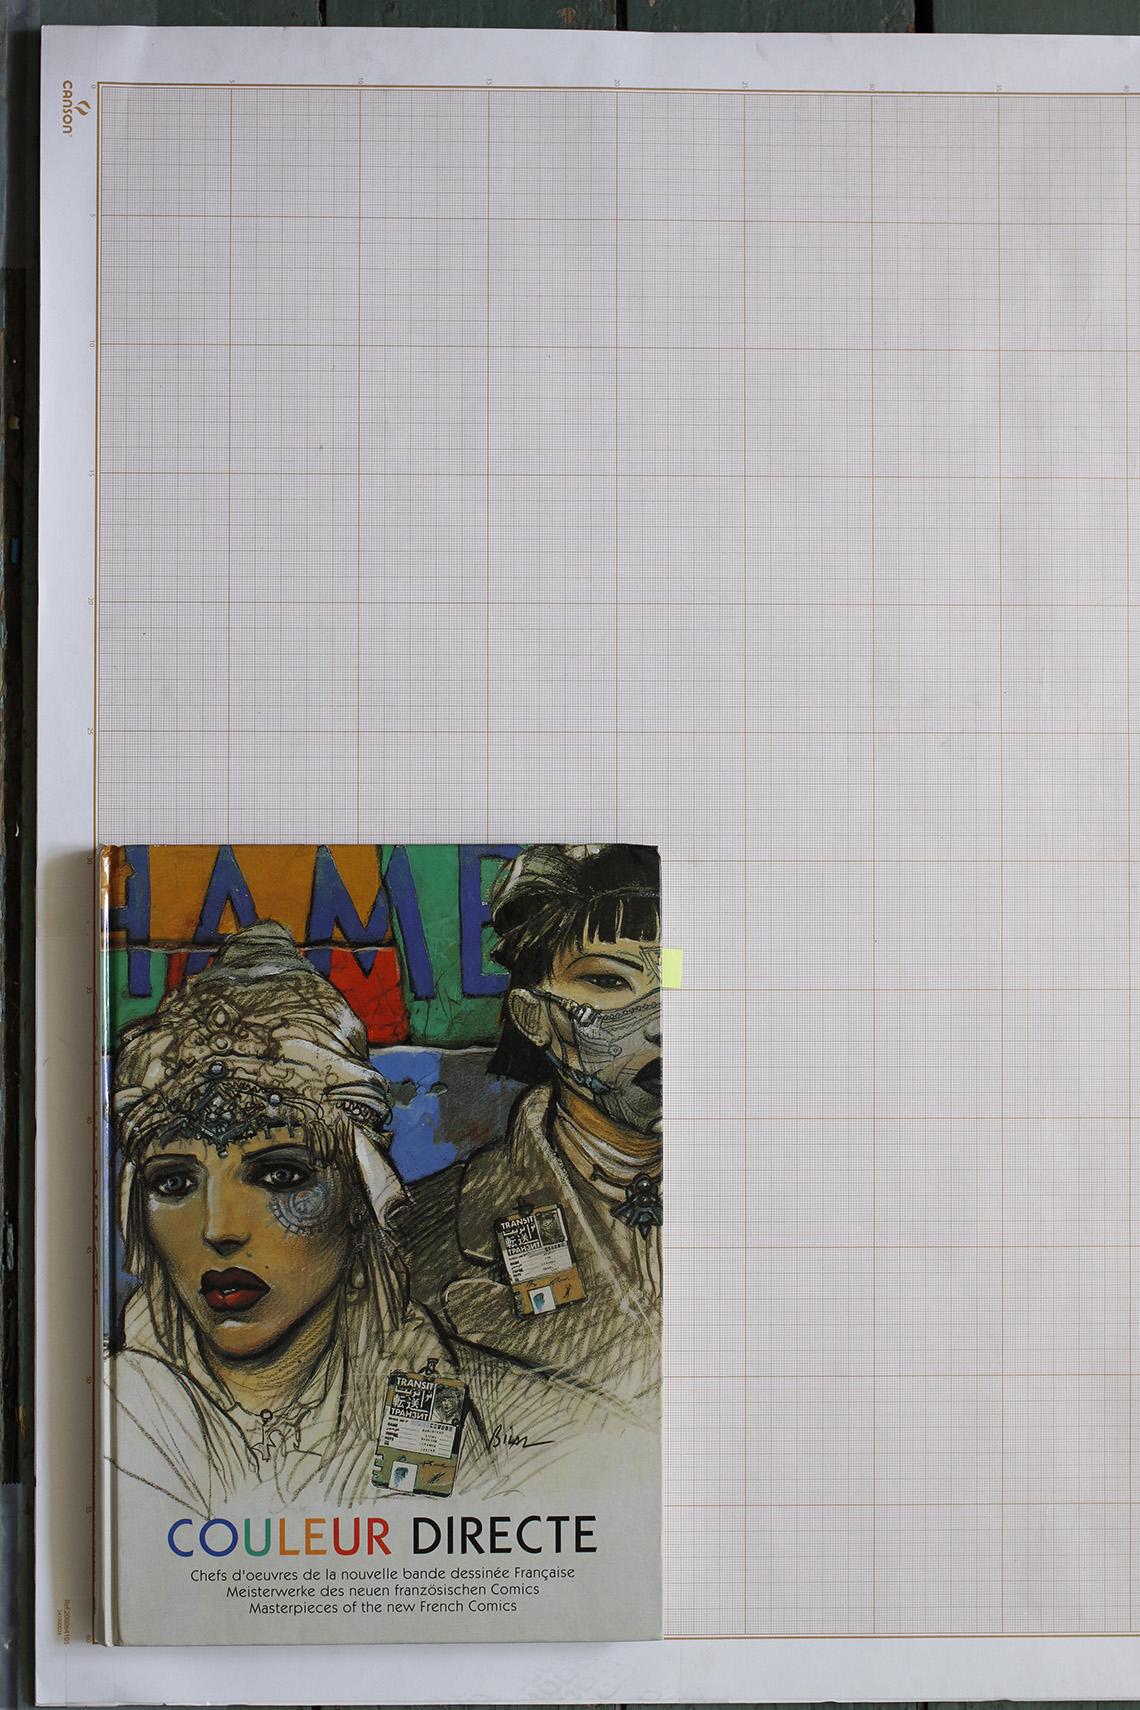 Couleur directe, D. Moulin / T. Groensteen / G. Lascault / P. Gaumer - Editions Kunst der Comics© Maison Autrique, 1993